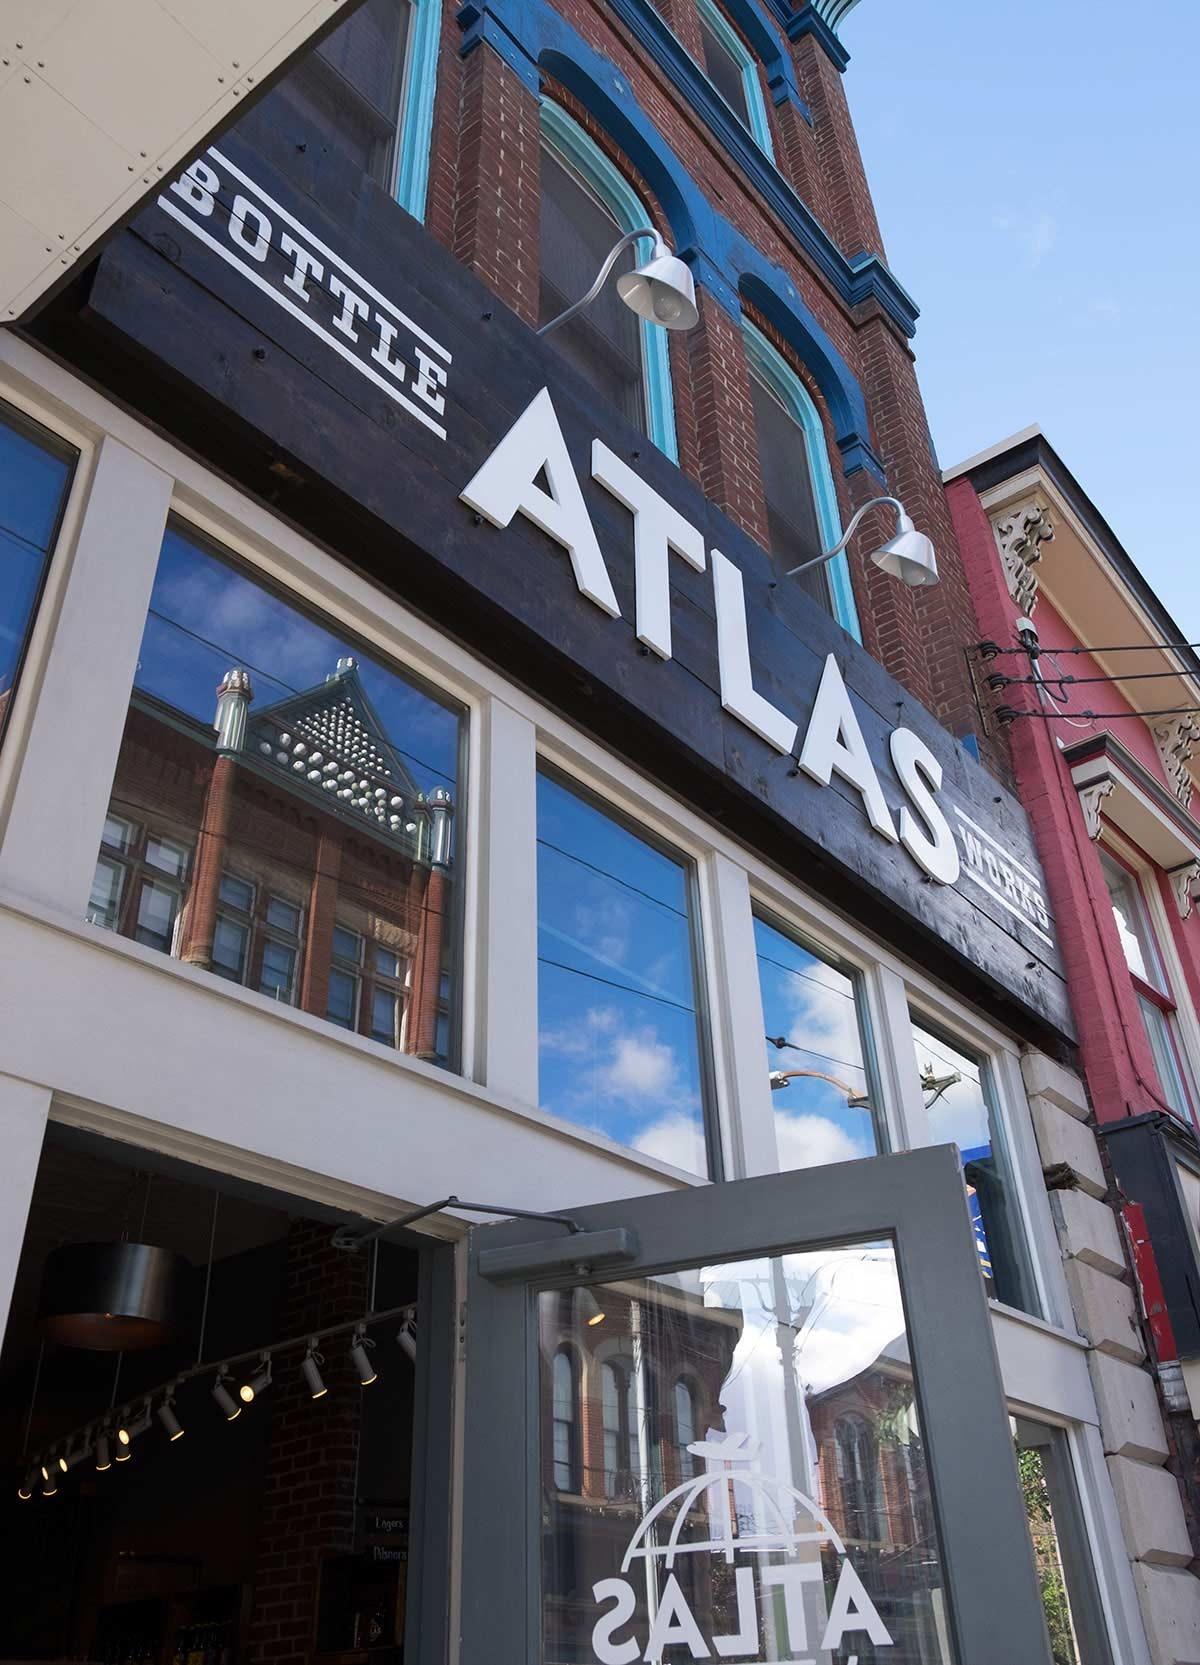 Atlas Bottle Works